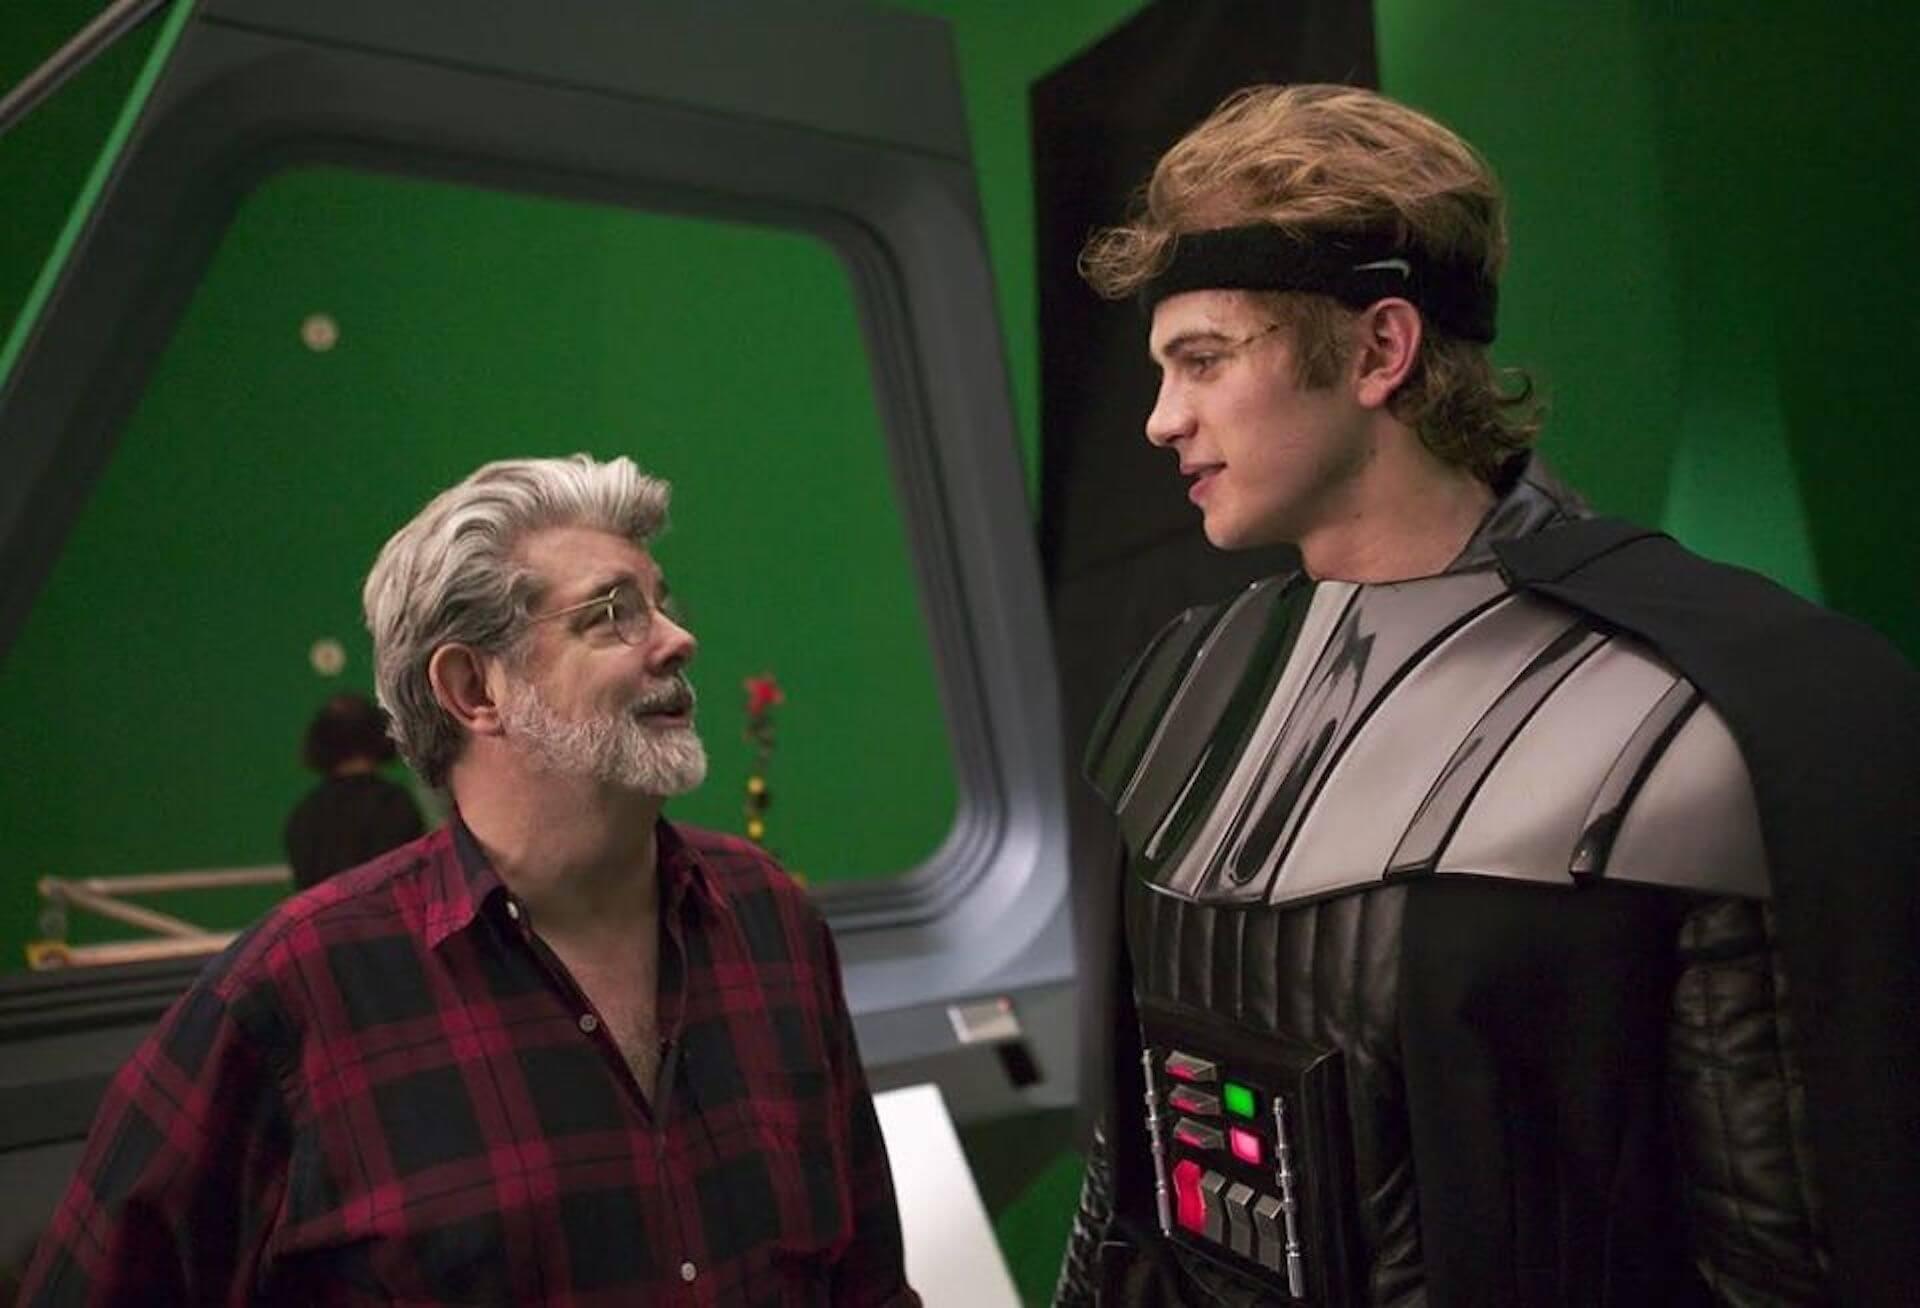 「スター・ウォーズ」新シリーズでついにジョージ・ルーカスが復帰か!? film200131_starwars_lucas_main